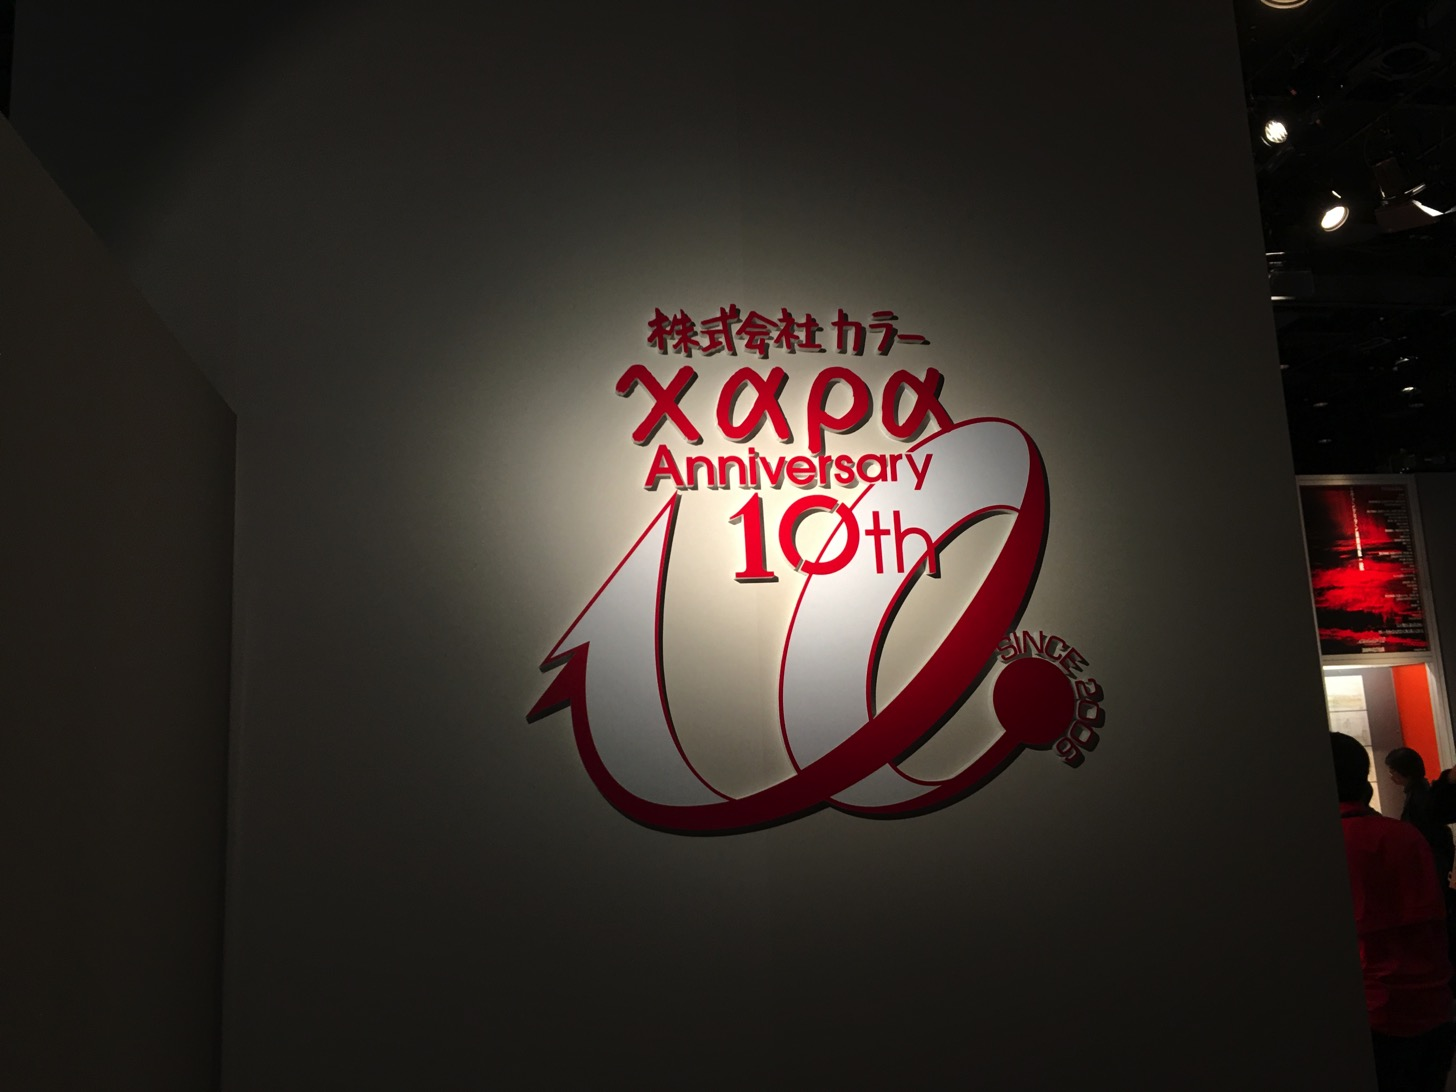 株式会社カラーAnniversary 10th